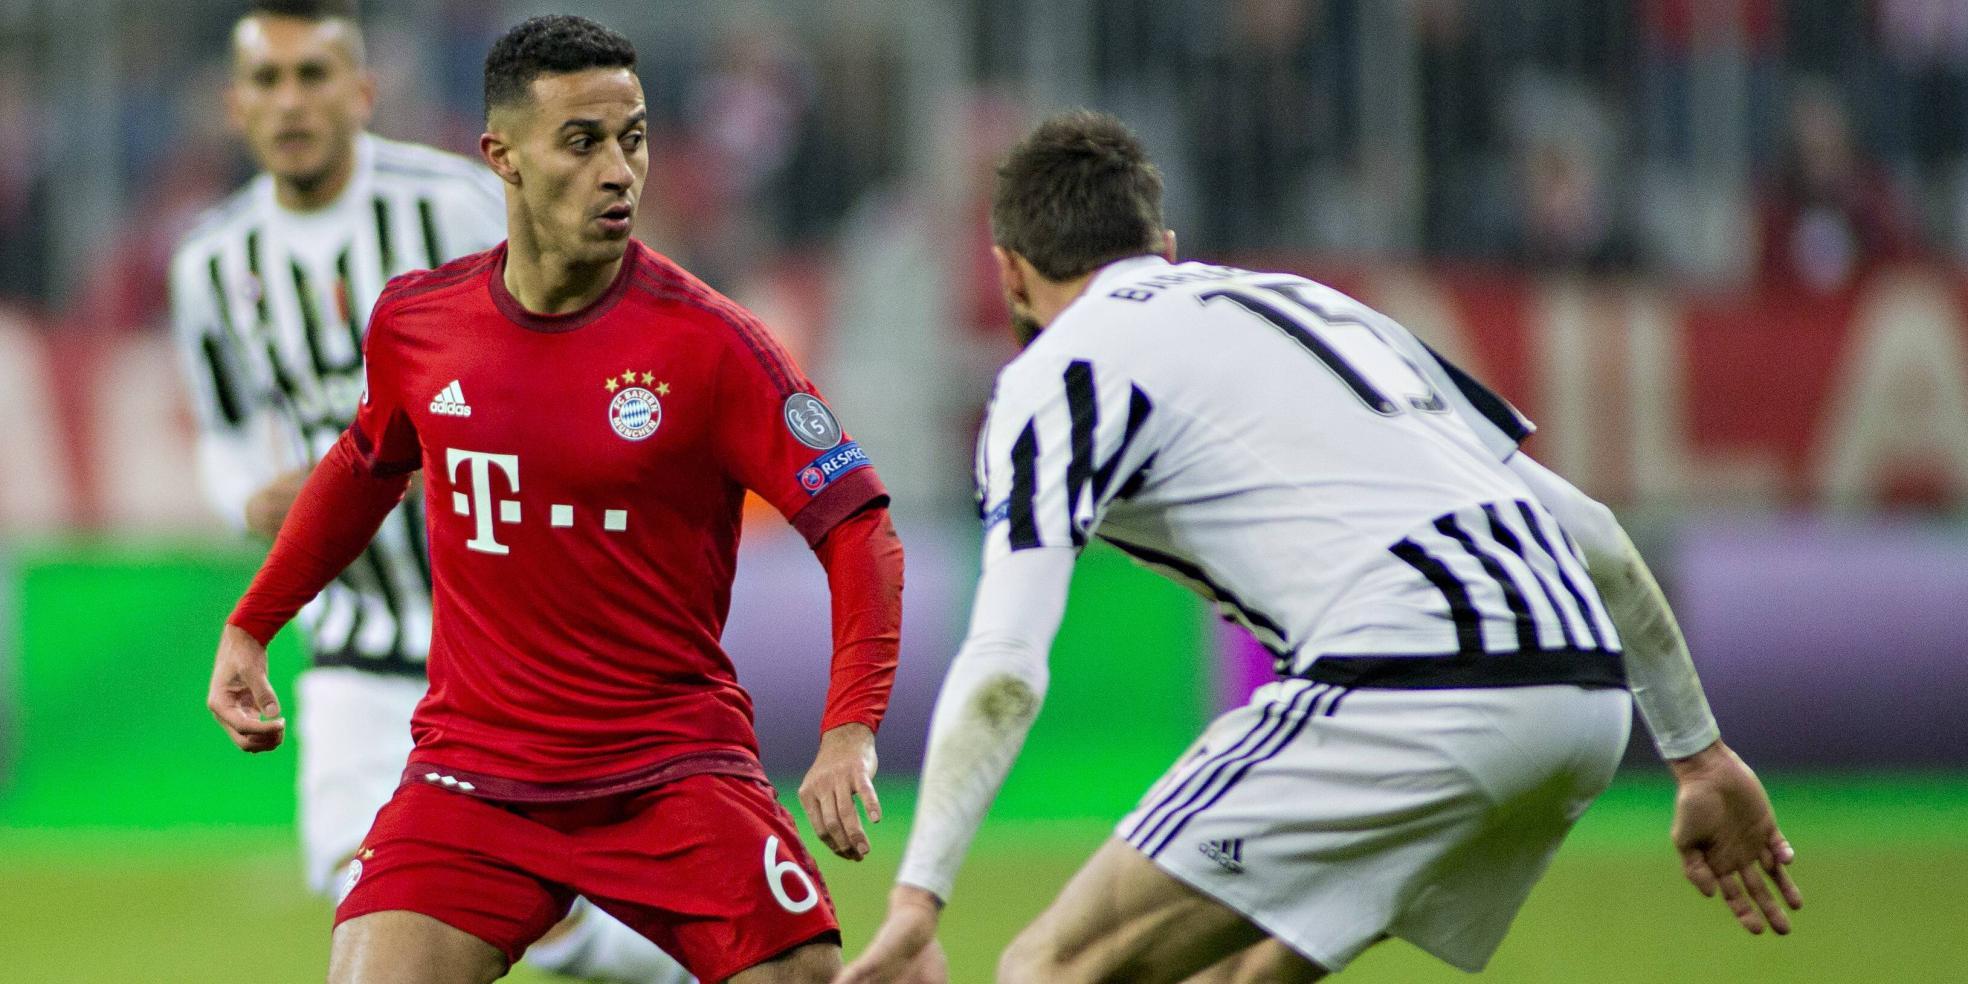 Wechselt Thiago Alcantara zu Juventus Turin?